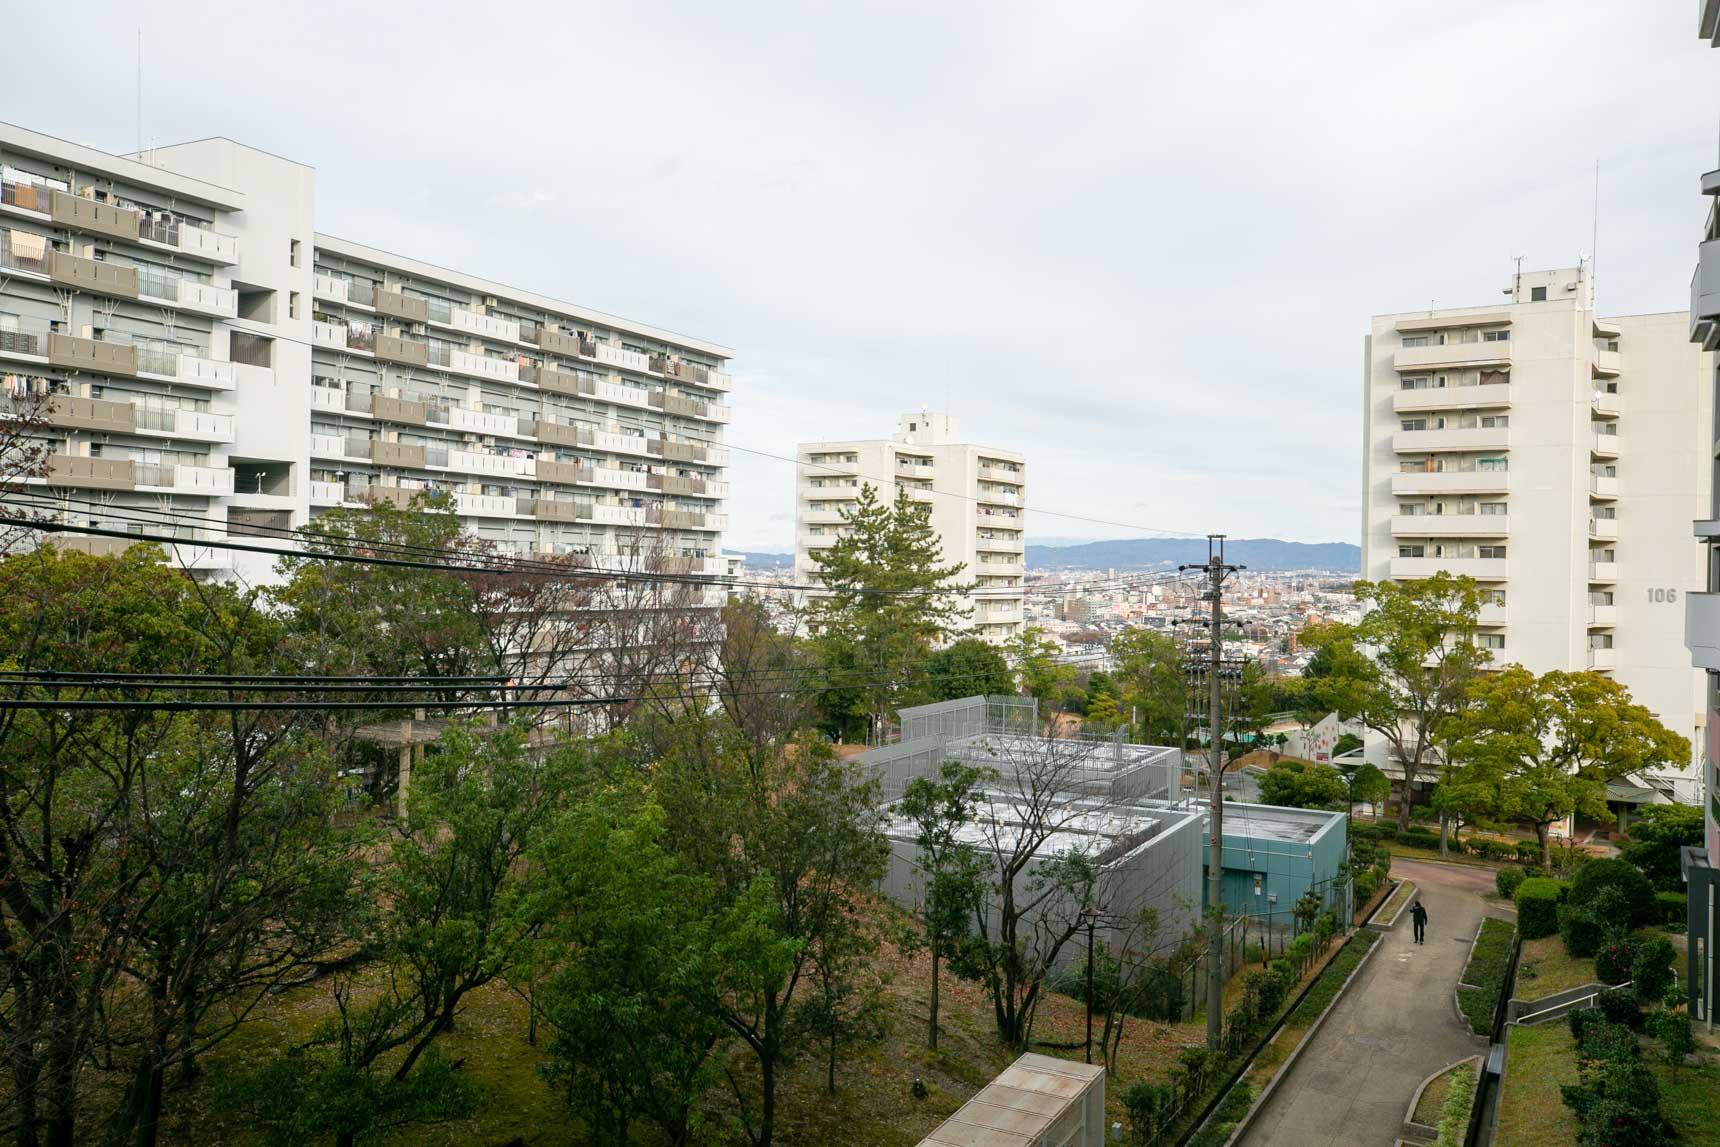 高層階の廊下から、岐阜の山々が望めました。四季の変化を感じながら、ゆったりと暮らせる団地です。